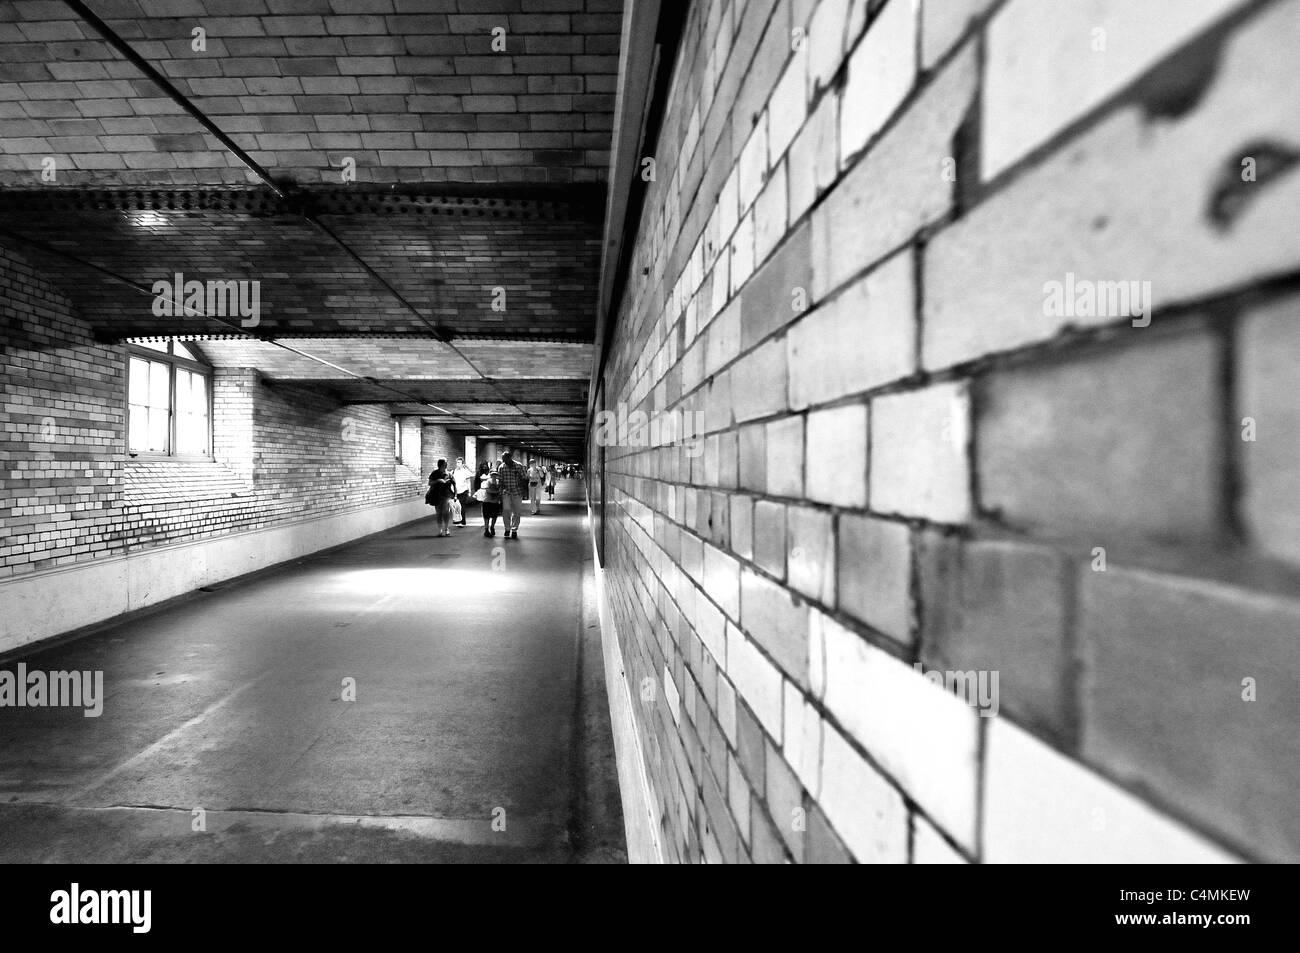 La gente a piedi attraverso il sottopassaggio presso la stazione di South Kensington Immagini Stock